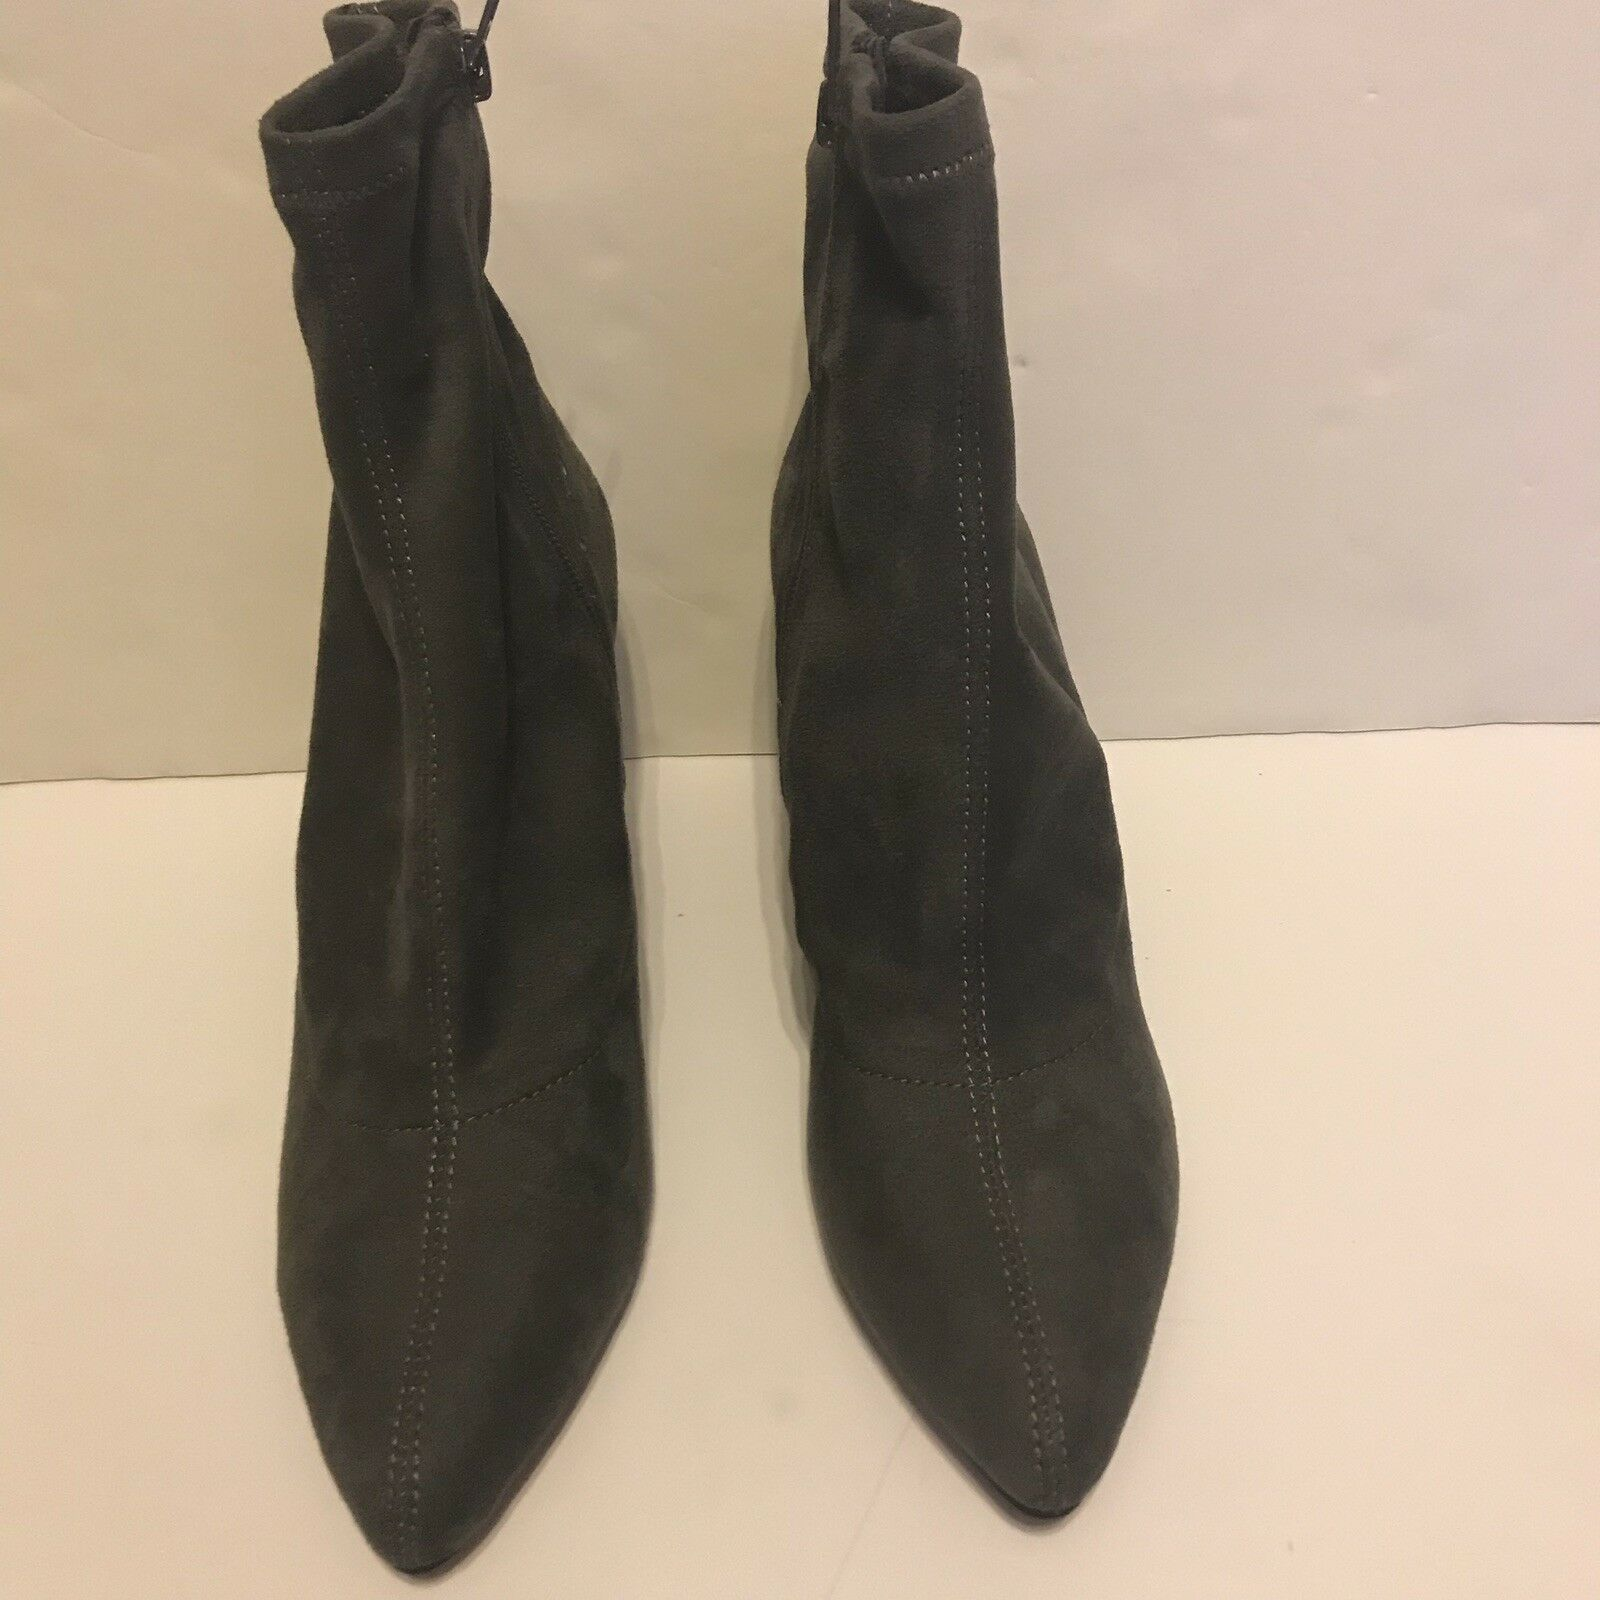 protezione post-vendita Steven by Steve Steve Steve Madden Donna  Ankle stivali grigio Dimensione 8.5  incredibili sconti